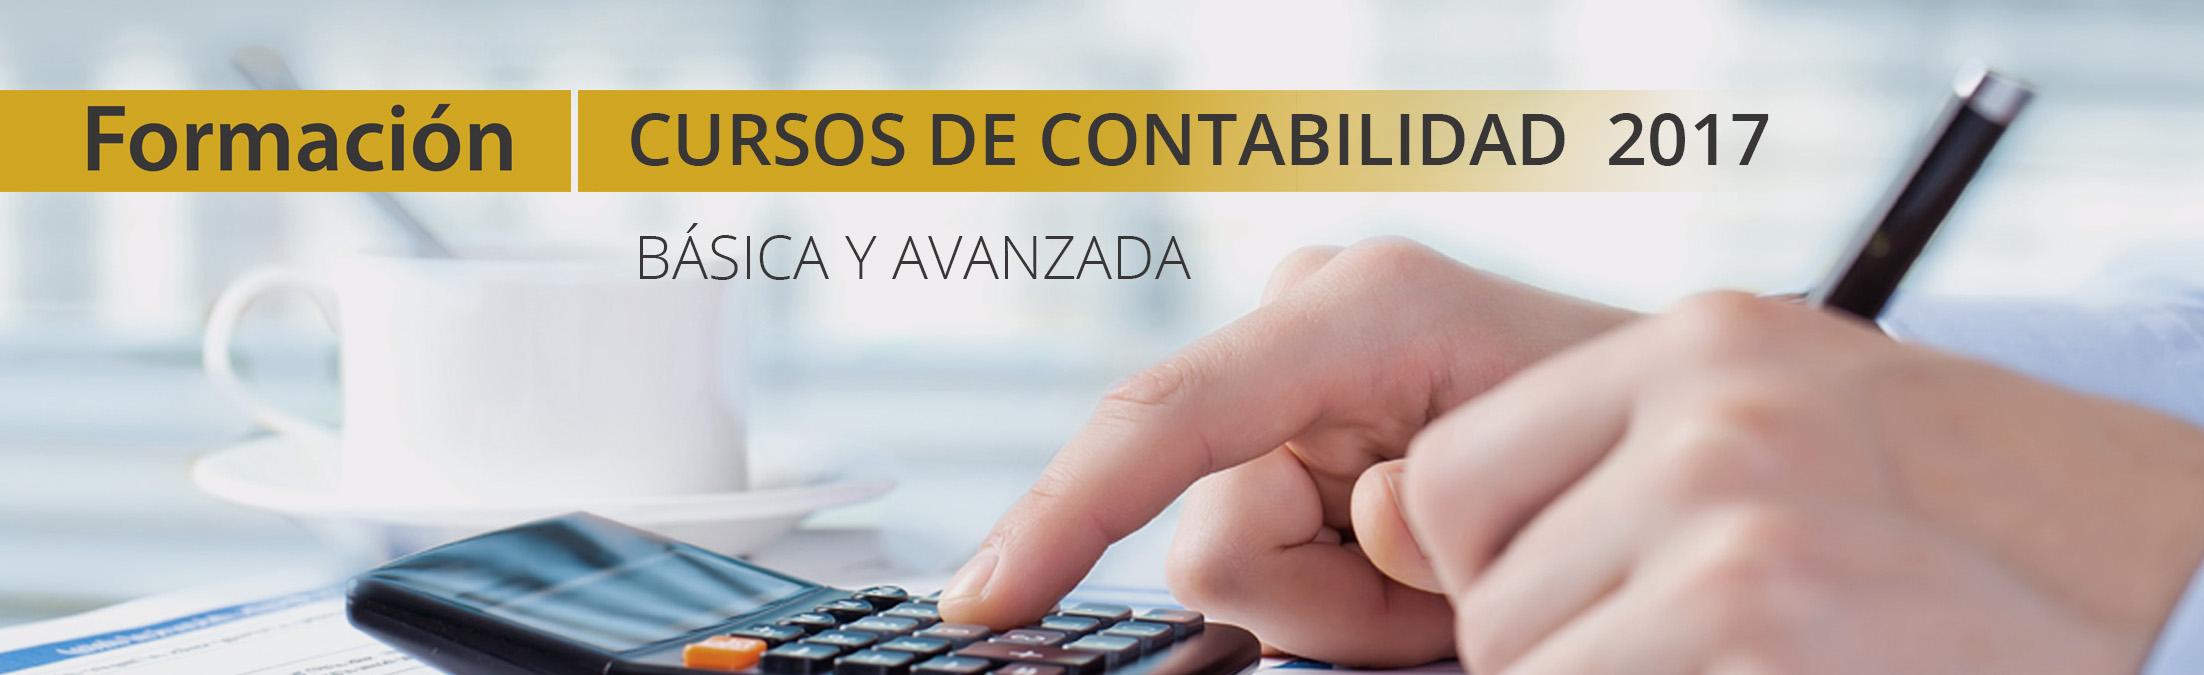 banner_cursos_contabilidad